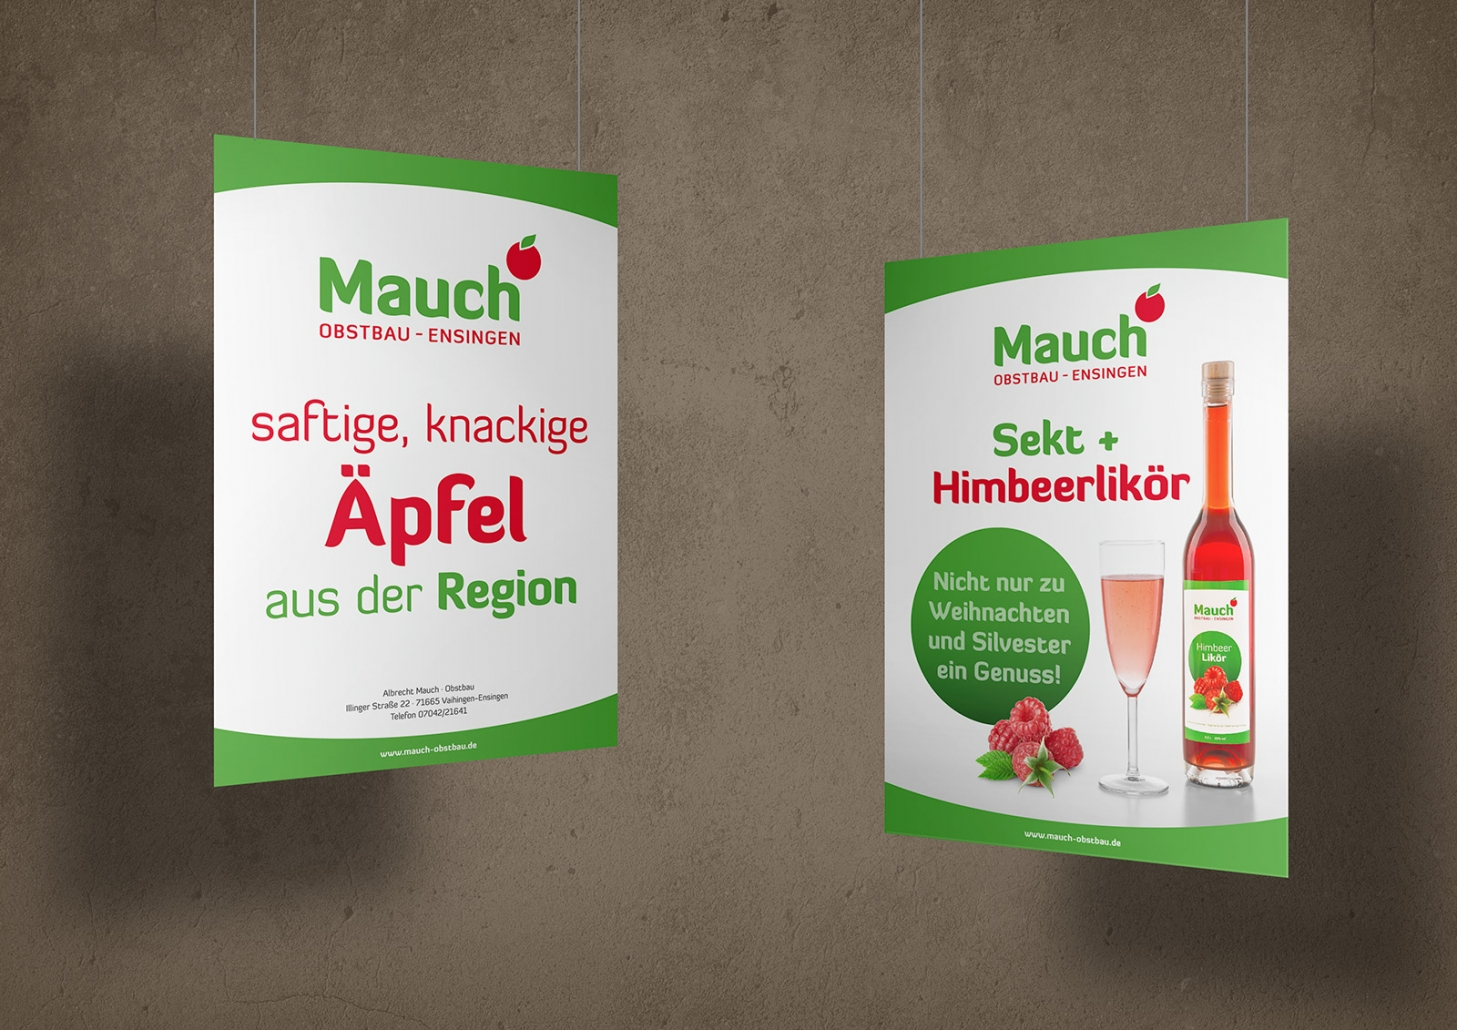 Plakate und Schilder für Obstbau Mauch